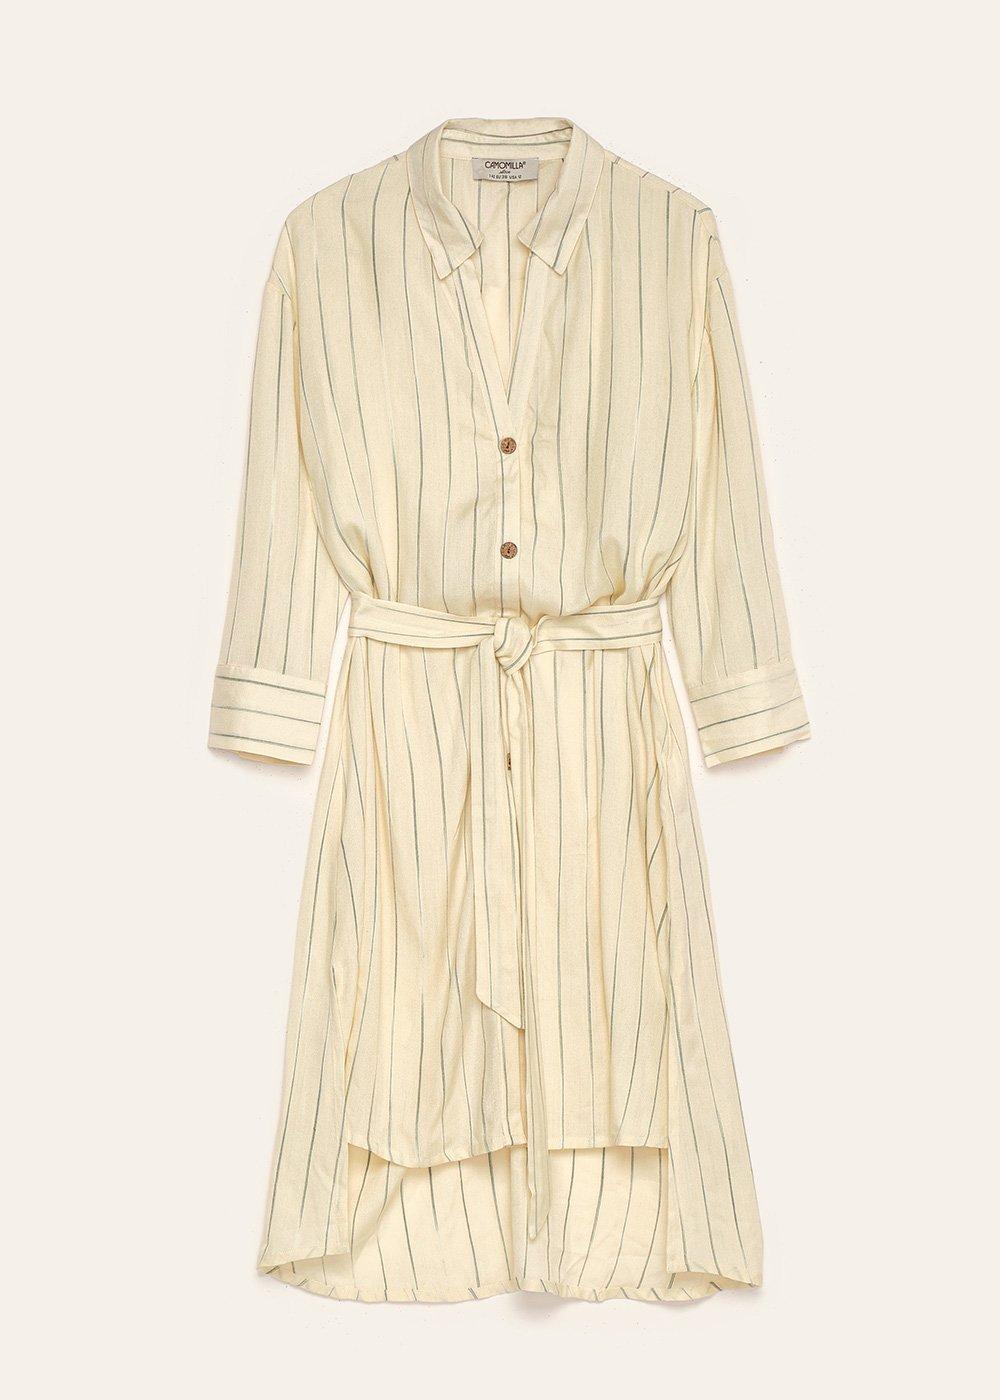 Camicia Cliz con righe silver - White / Grey / Stripes - Donna